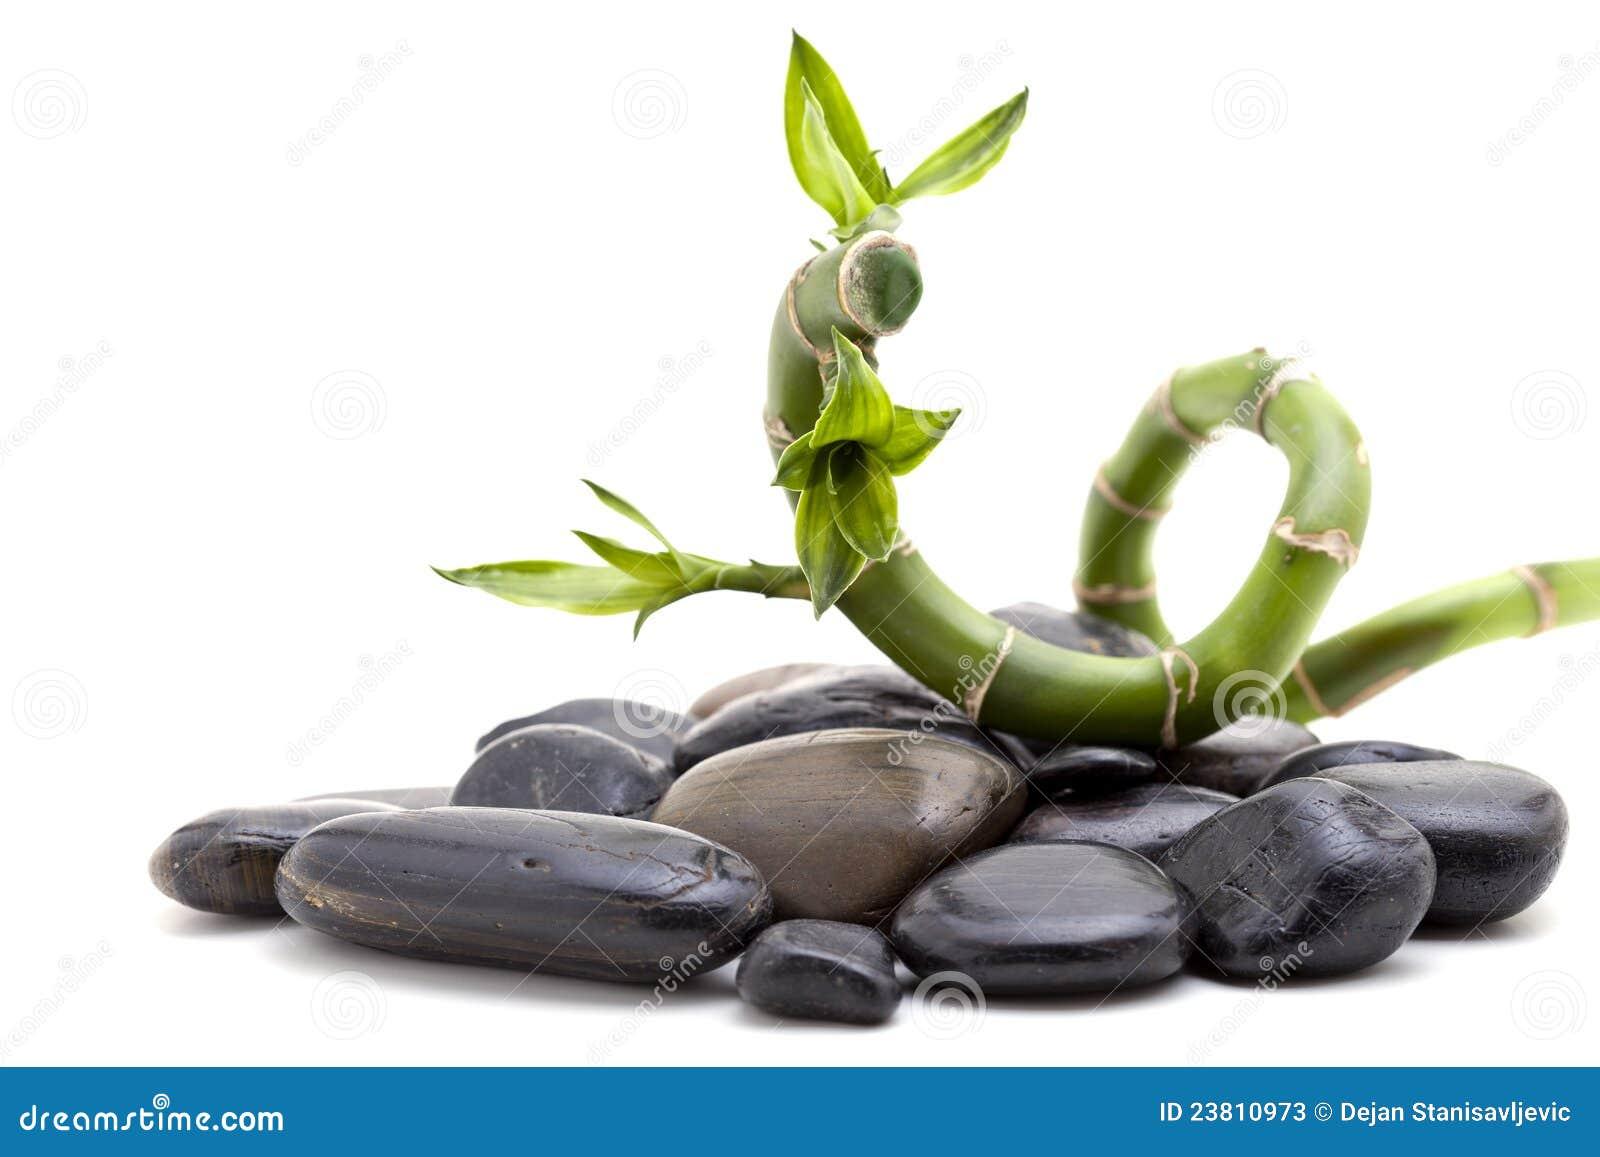 Piedras del zen con la planta de bamb imagen de archivo for Imagenes zen